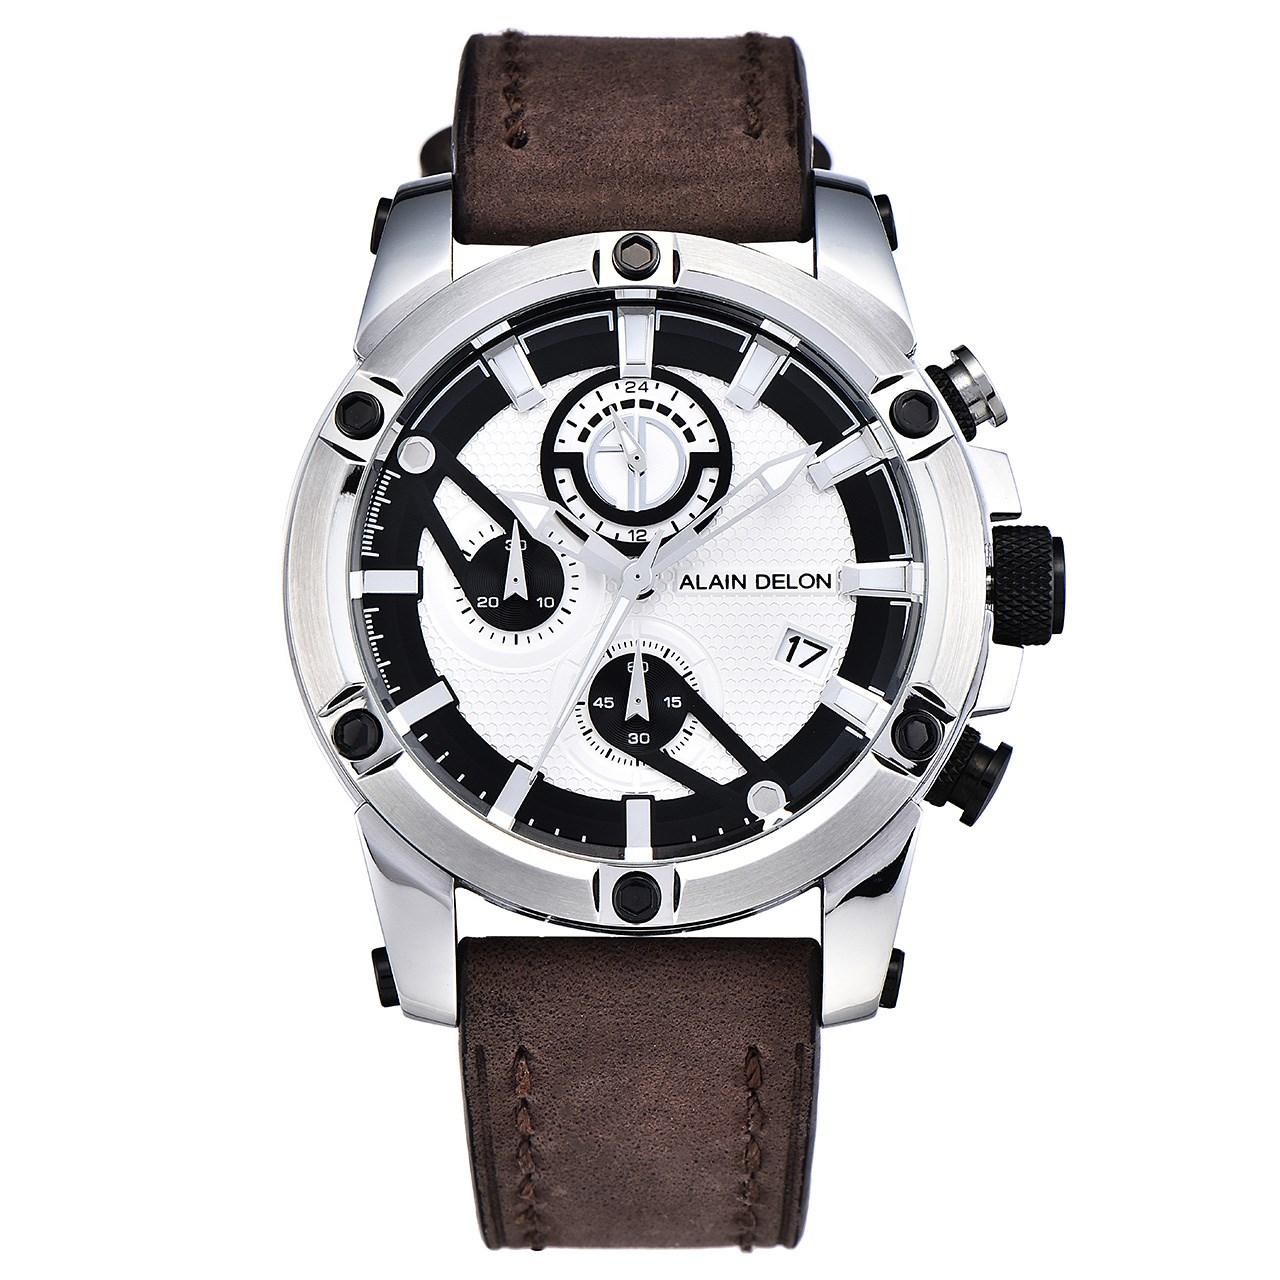 ساعت مچی عقربه ای مردانه آلن دلون مدل AD390-1312C